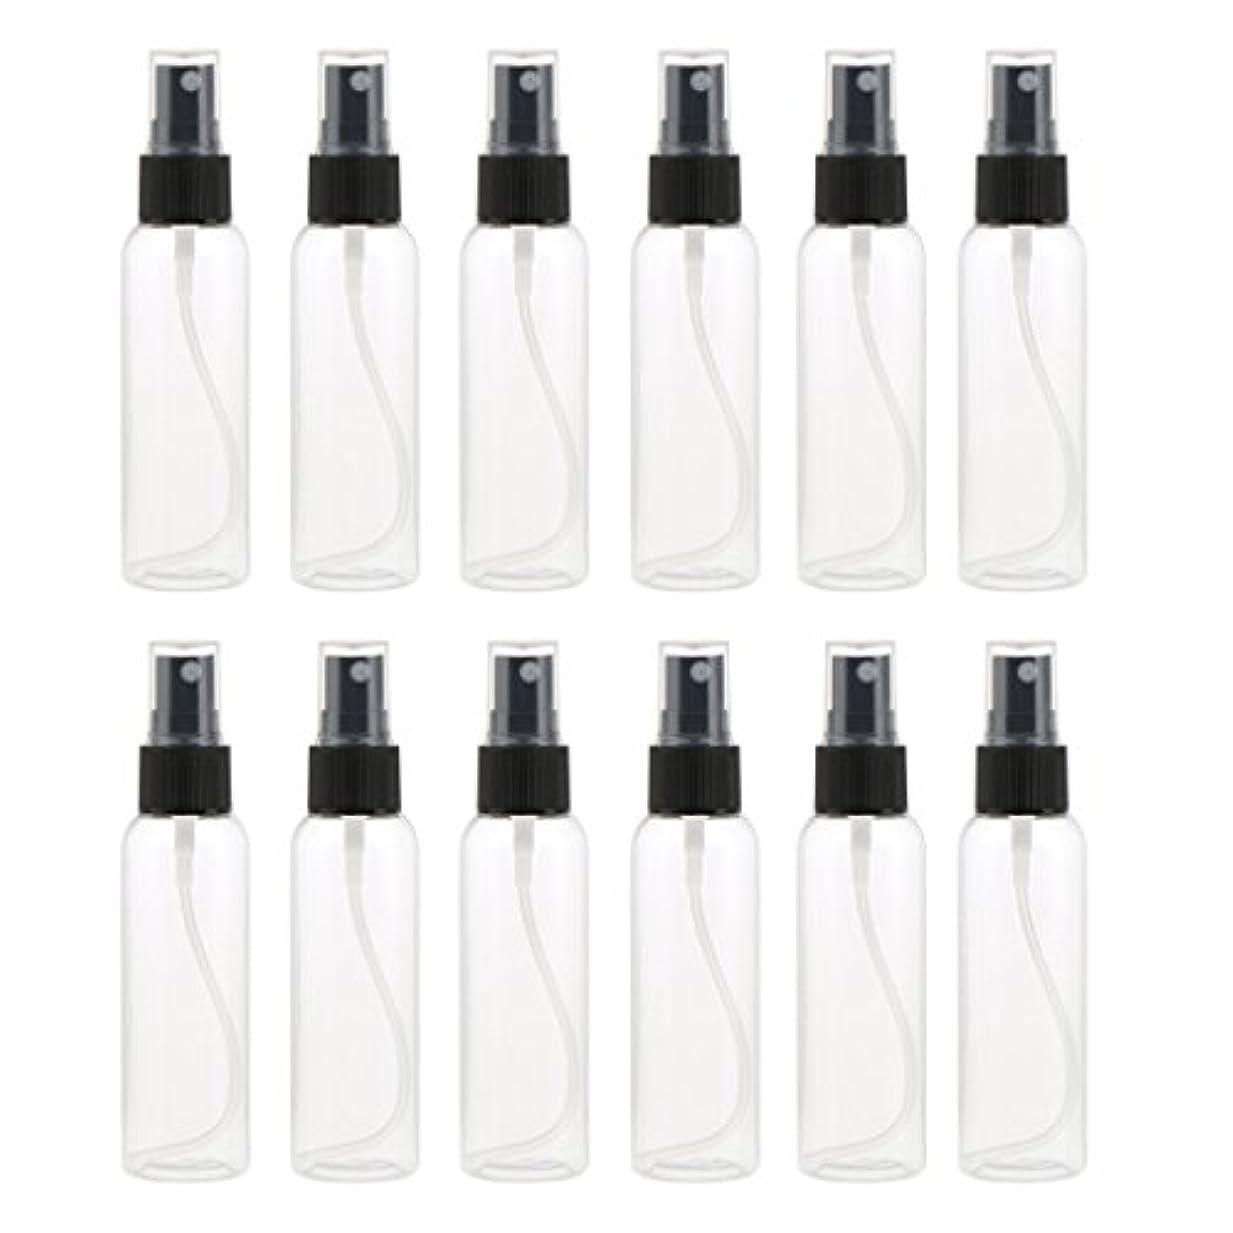 放散する負剃るお買得 プラスチック 分装瓶 スプレーボトル ミストアトマイザー 液体香水 詰め替え 旅行用 60ml 12PCS - ブラック